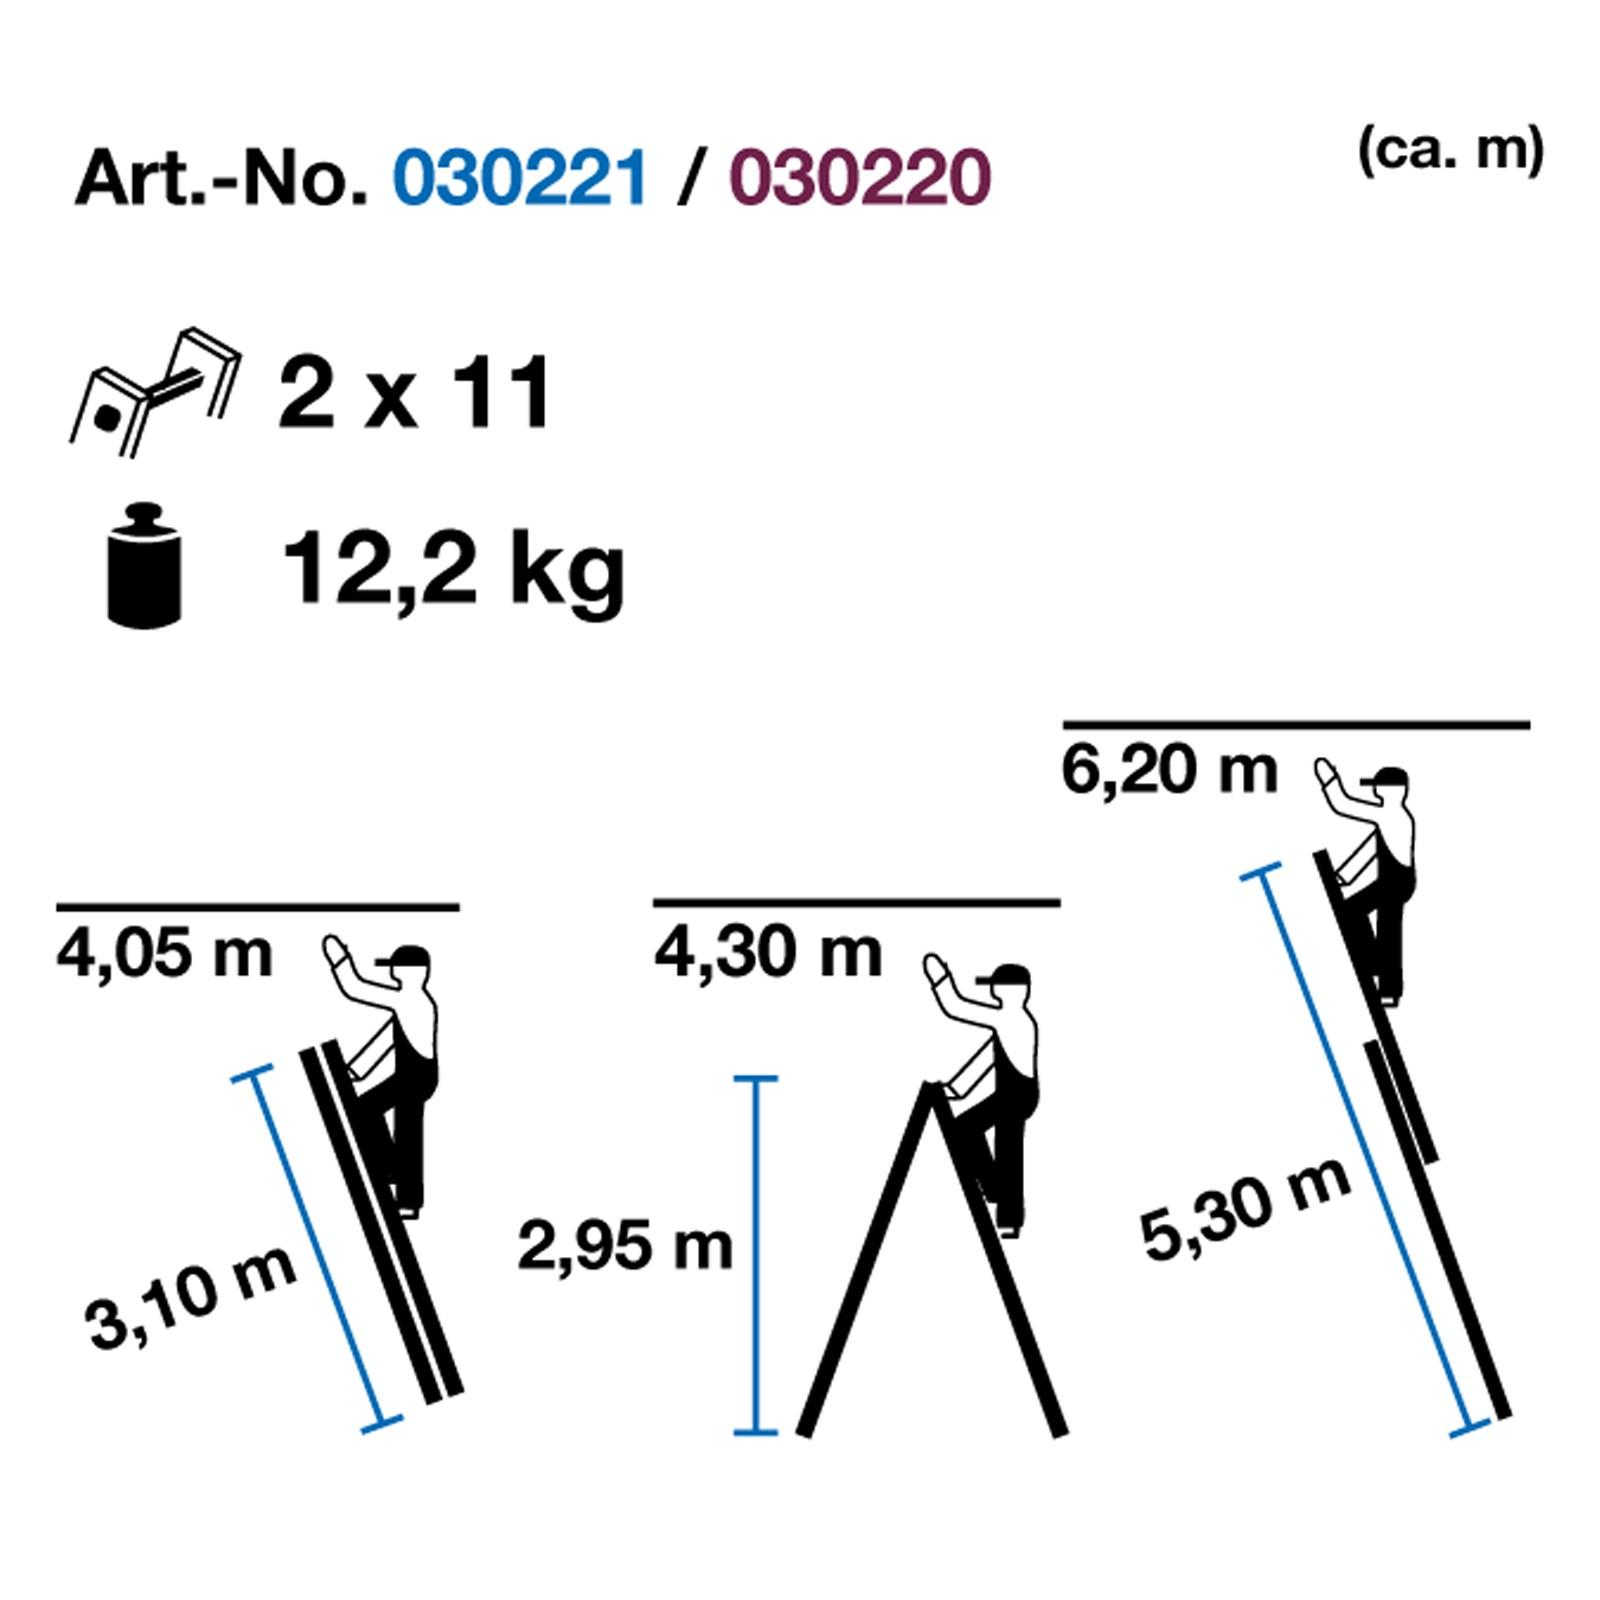 Aluleiter Mehrzweckleiter 2 x 8 Tritte max. 390 cm Schiebeleiter, Anlegeleiter, Schiebeleiter, Anstellleiter, Stehleiter, Teleskopleiter, Sprossenleiter